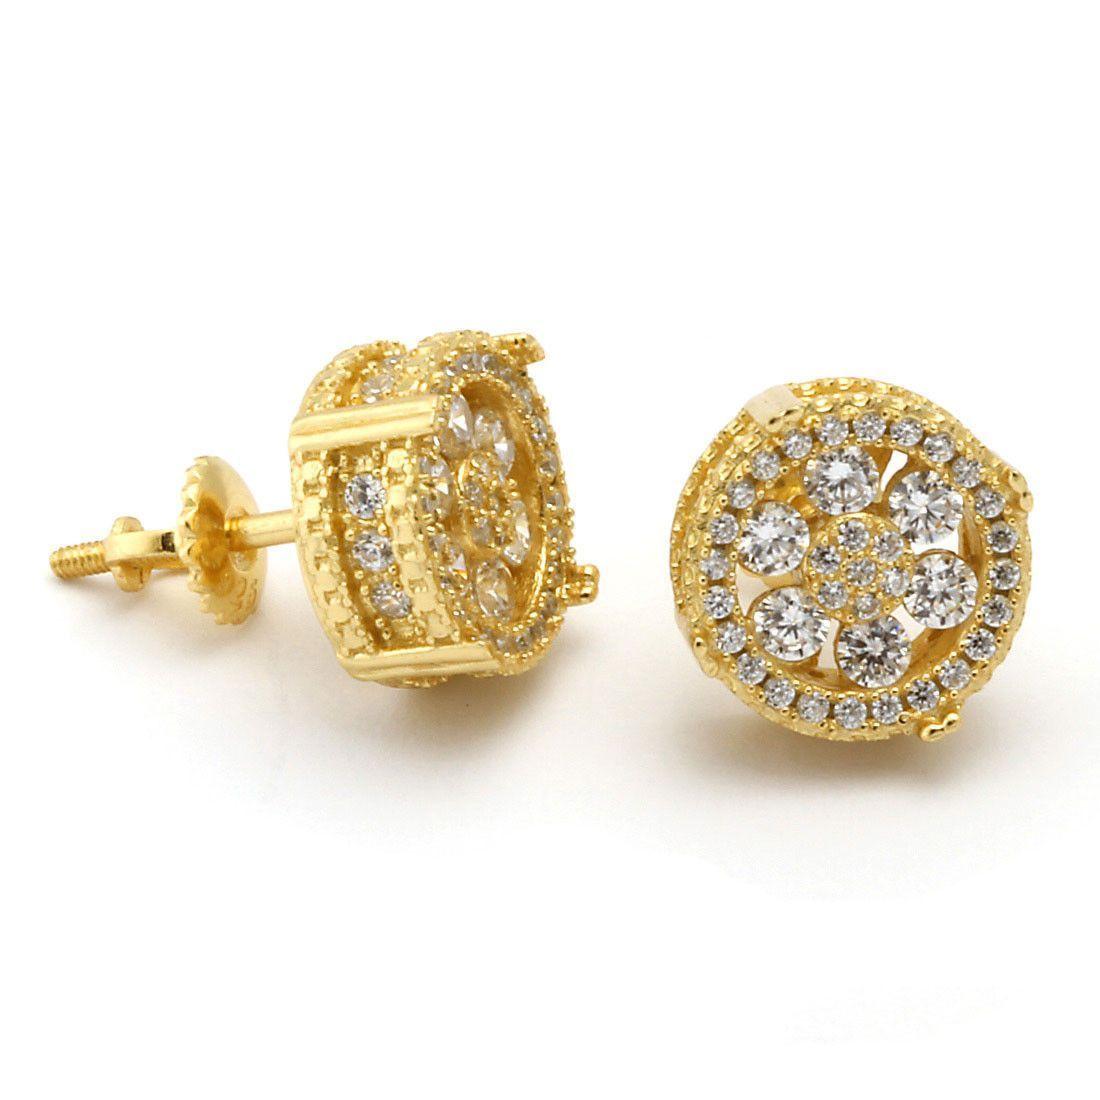 King Ice 14k Gold On Cz Earrings